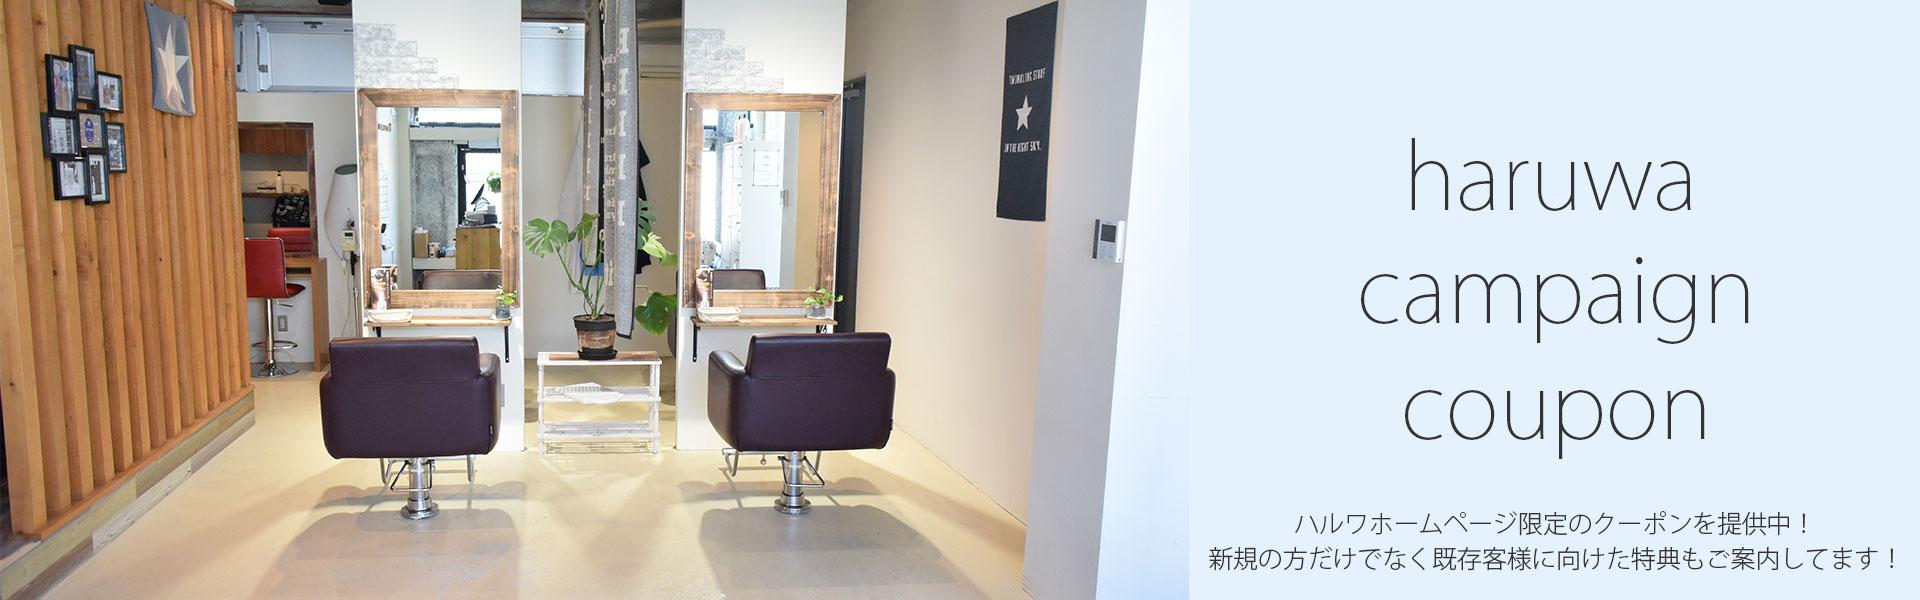 鶴間の美容院ハルワ キャンペーンバナー